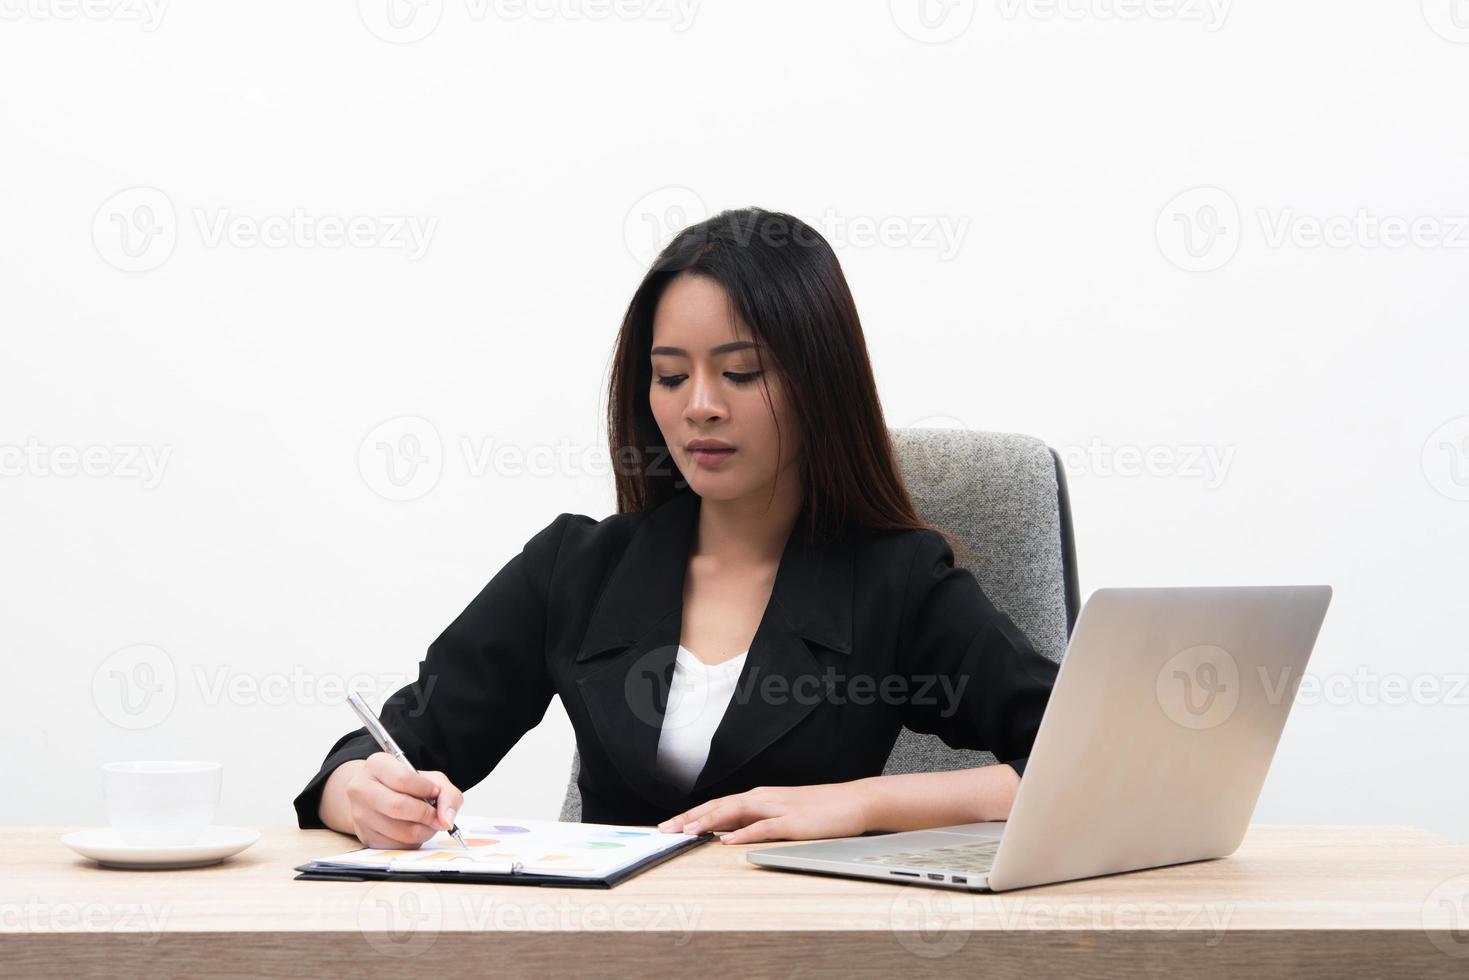 jonge Aziatische zakenvrouw met laptop in het kantoor geïsoleerd op een witte achtergrond foto